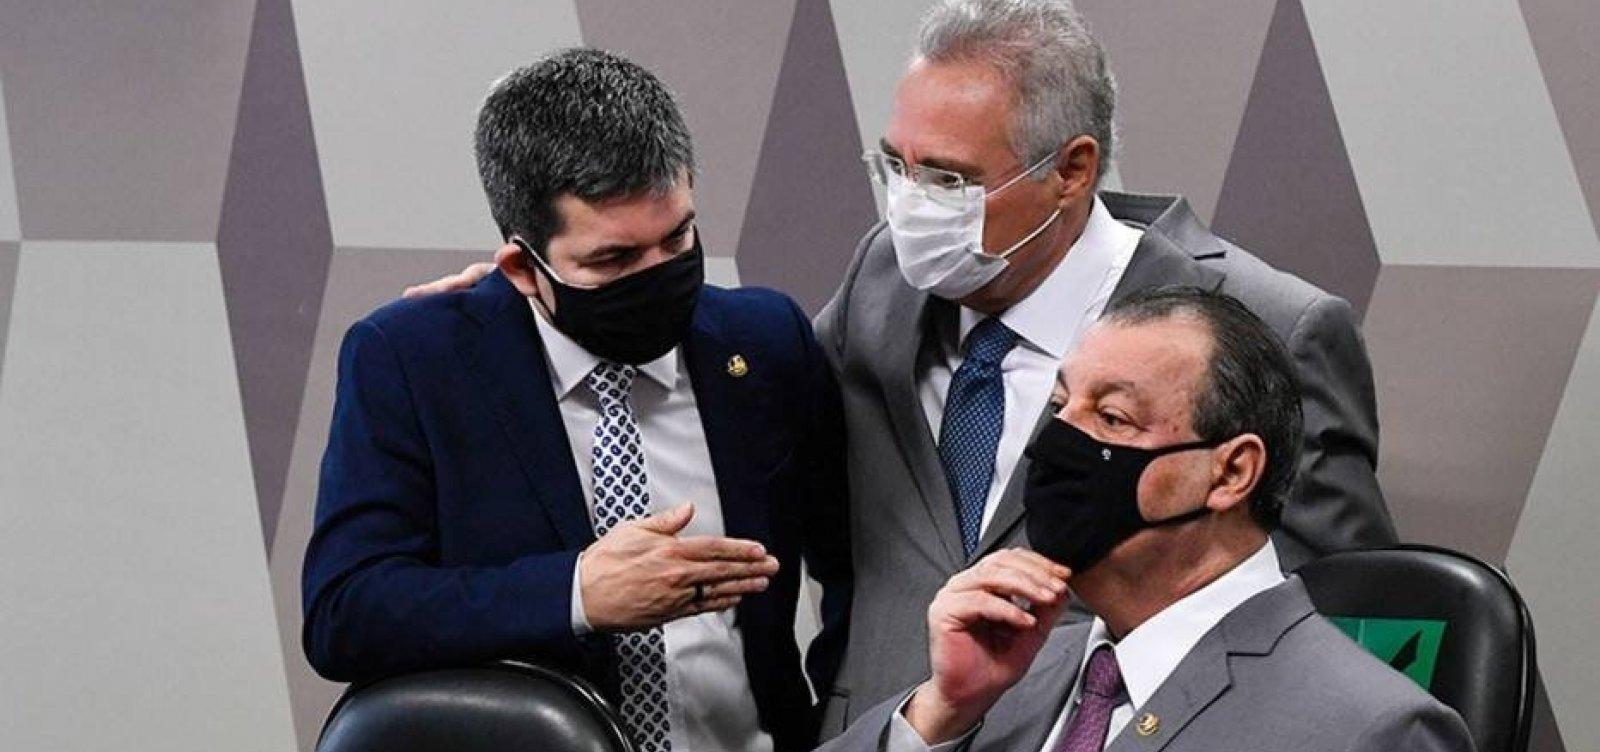 CPI incluirá em relatório fala de Bolsonaro que relaciona vacina contra Covid-19 à Aids